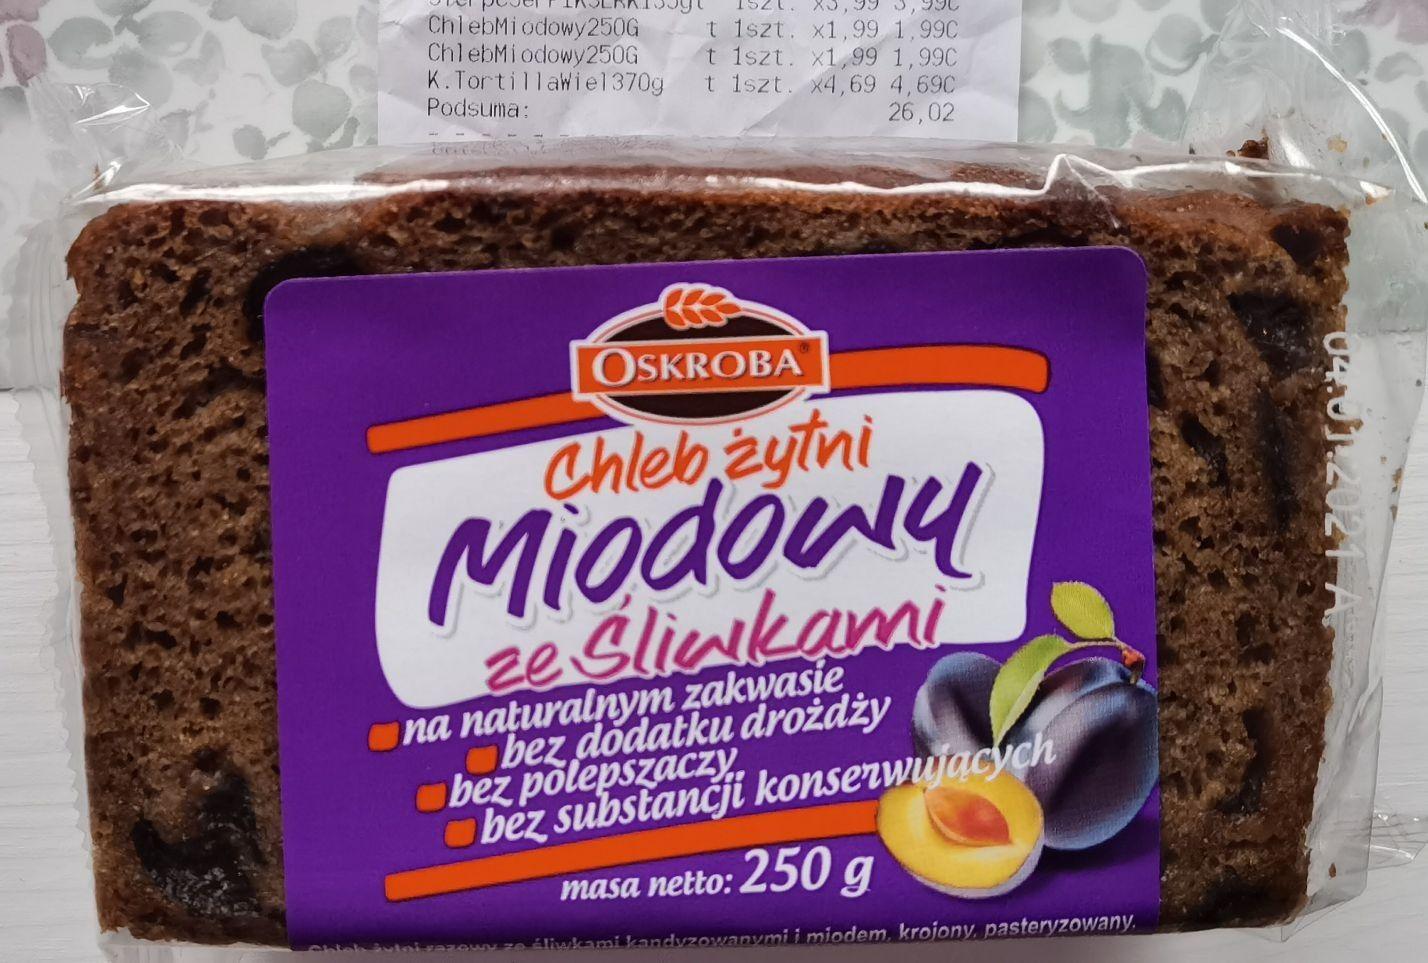 Kaufland: chleb żytni Oskroba miodowy ze śliwkami za 1,99 - błąd?